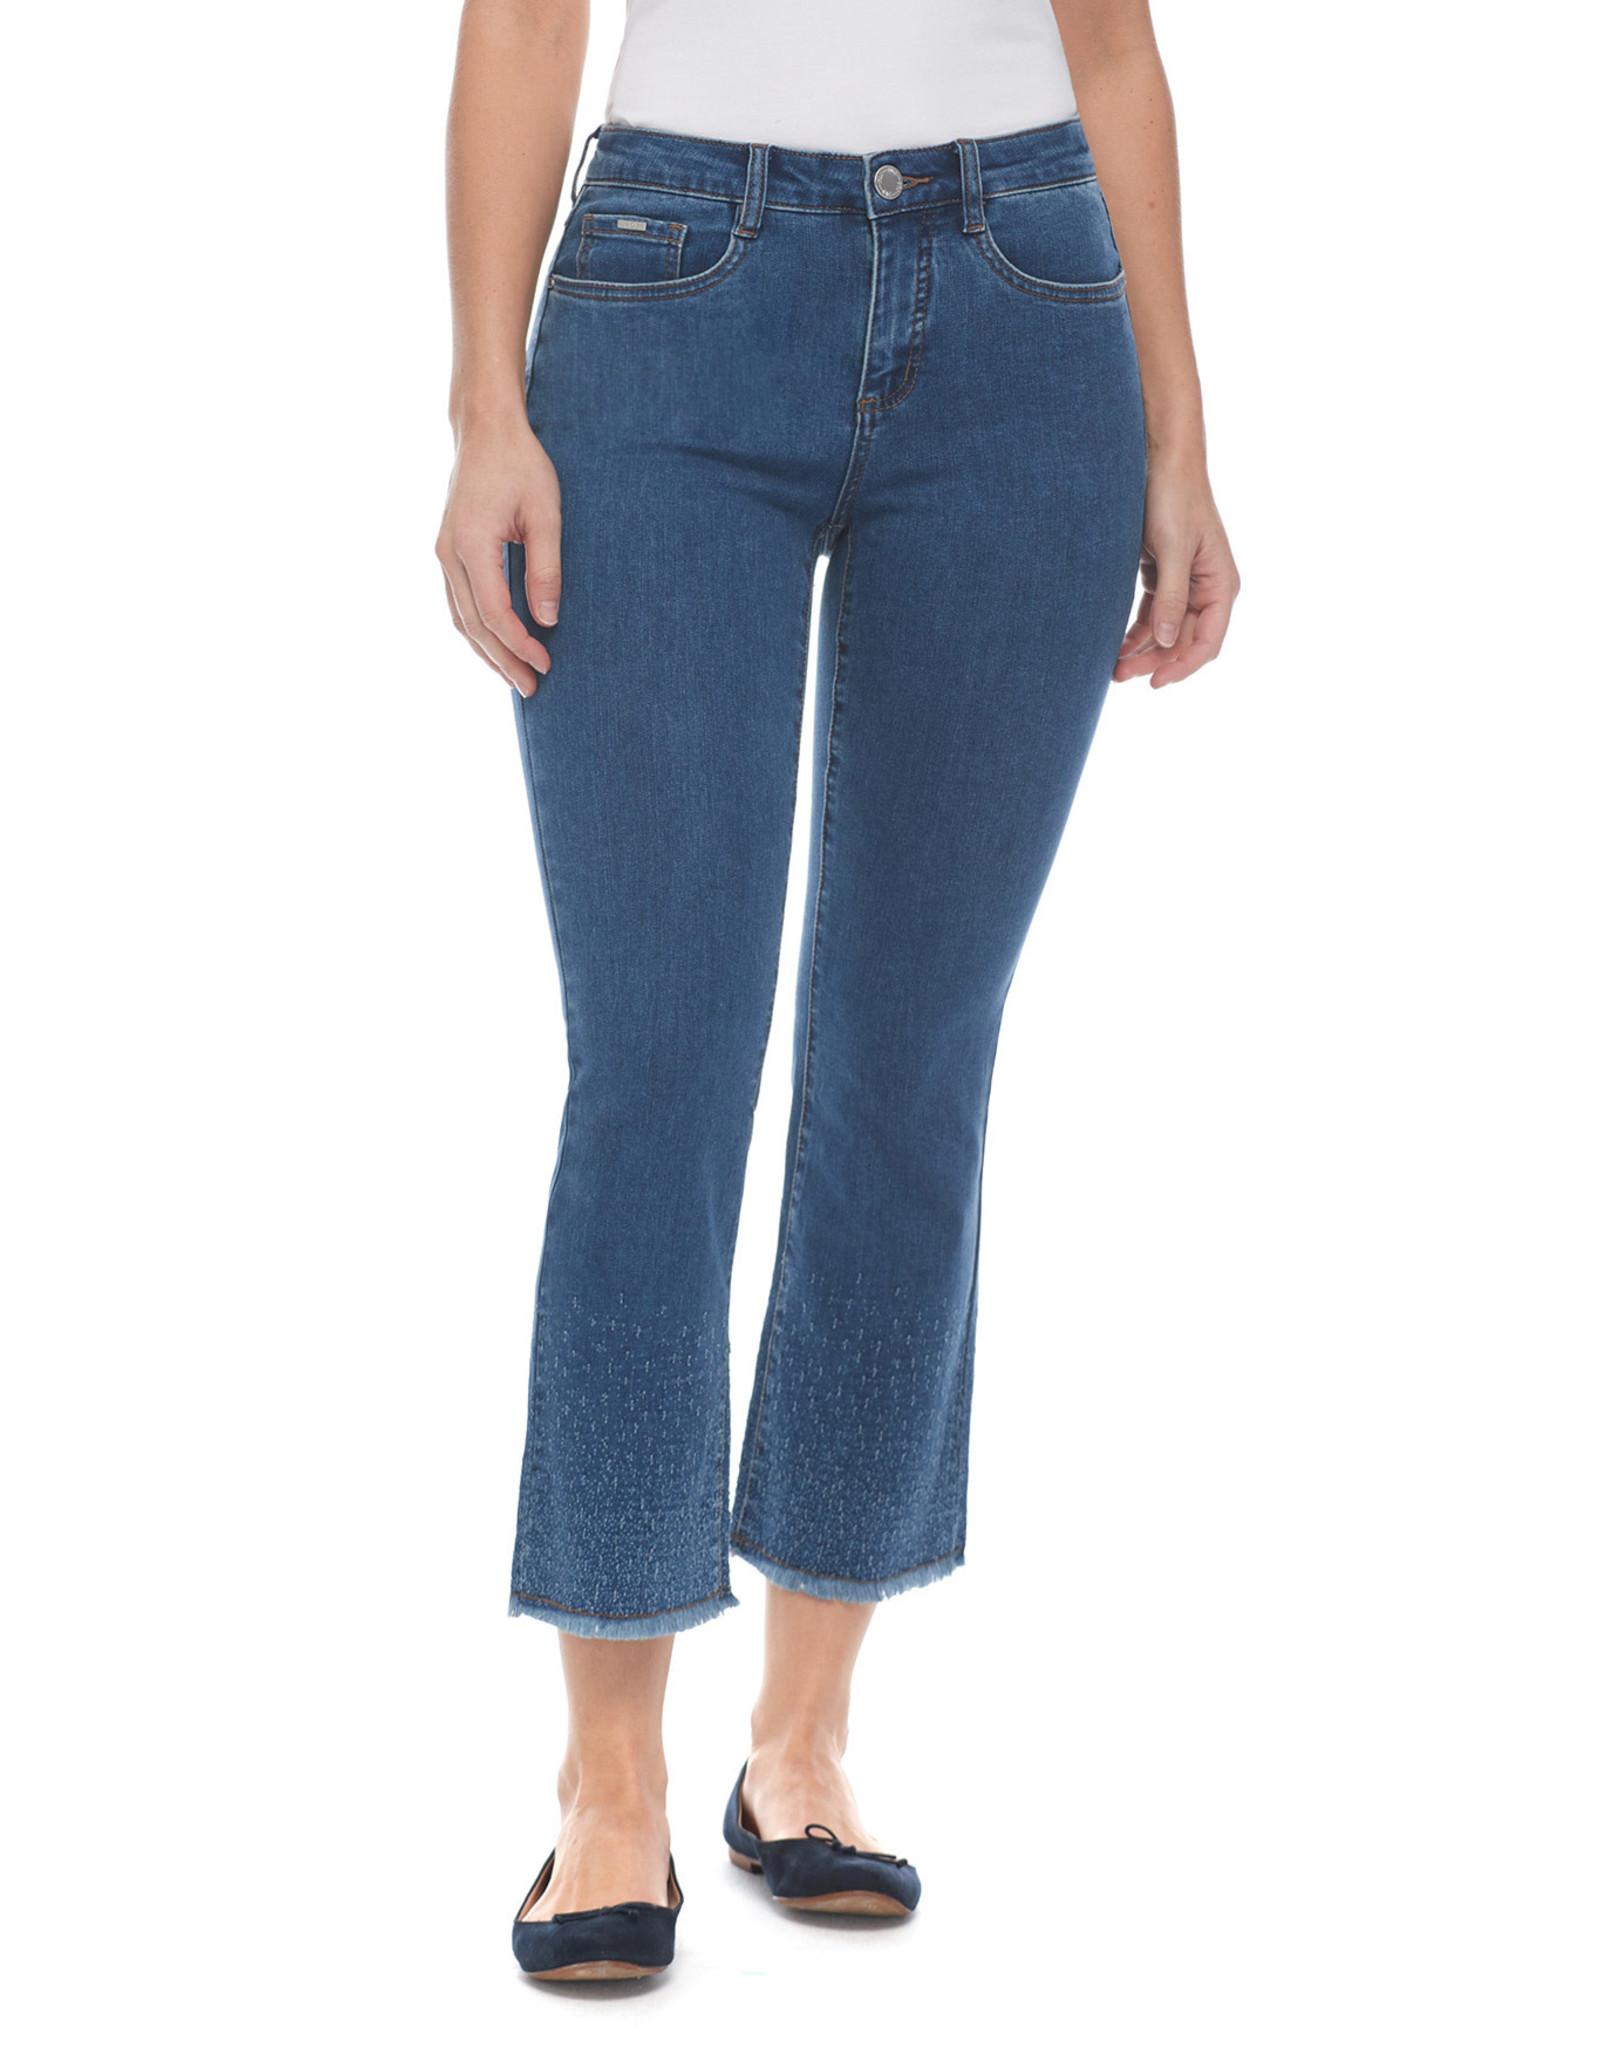 French Dressing Jeans French Dressing Jeans Olivia Flare Crop